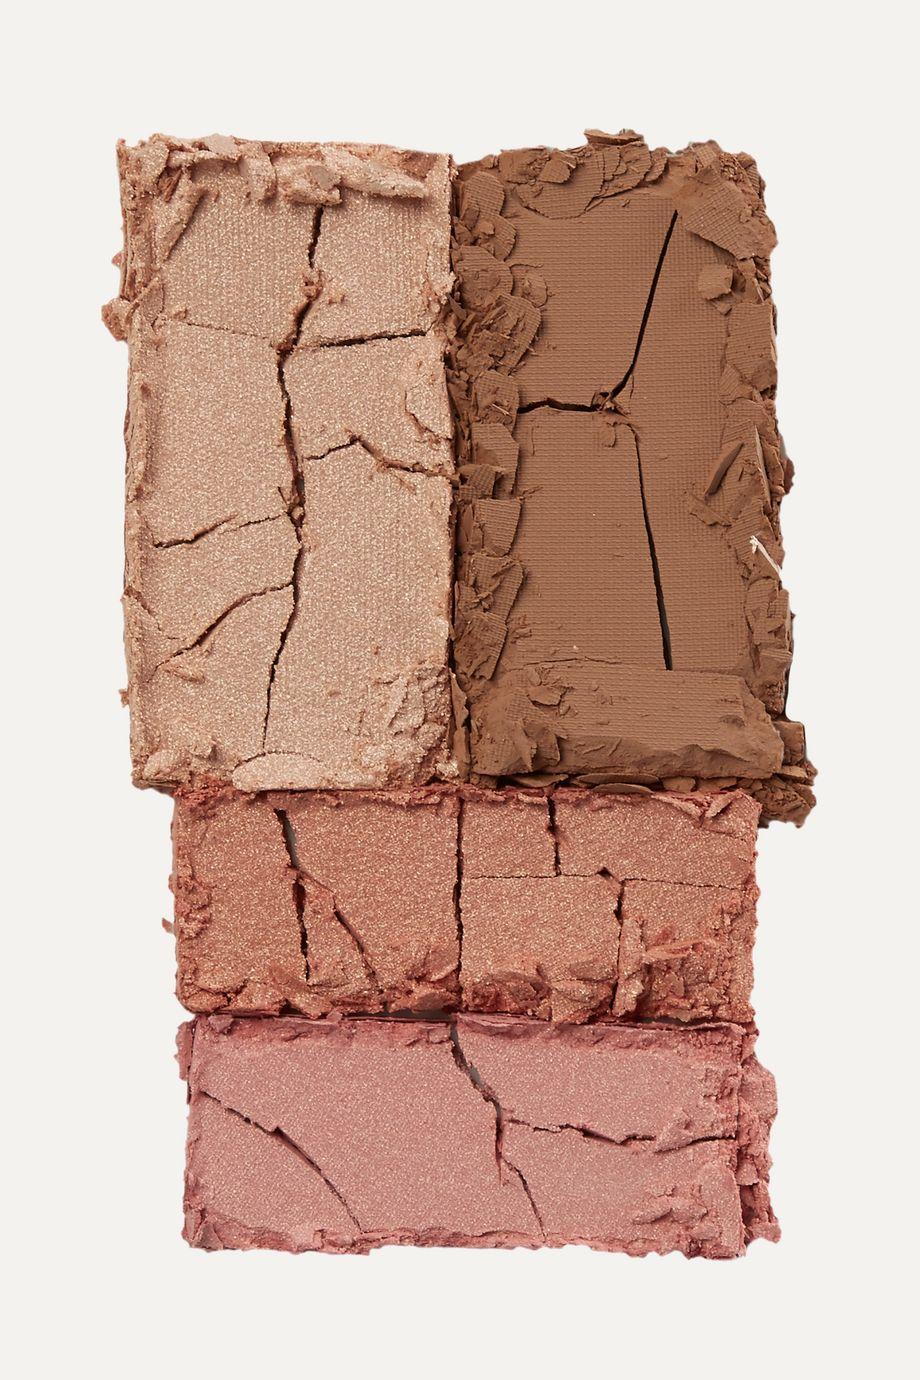 Bobbi Brown Take It To Glow Highlight and Bronzing Powder Palette